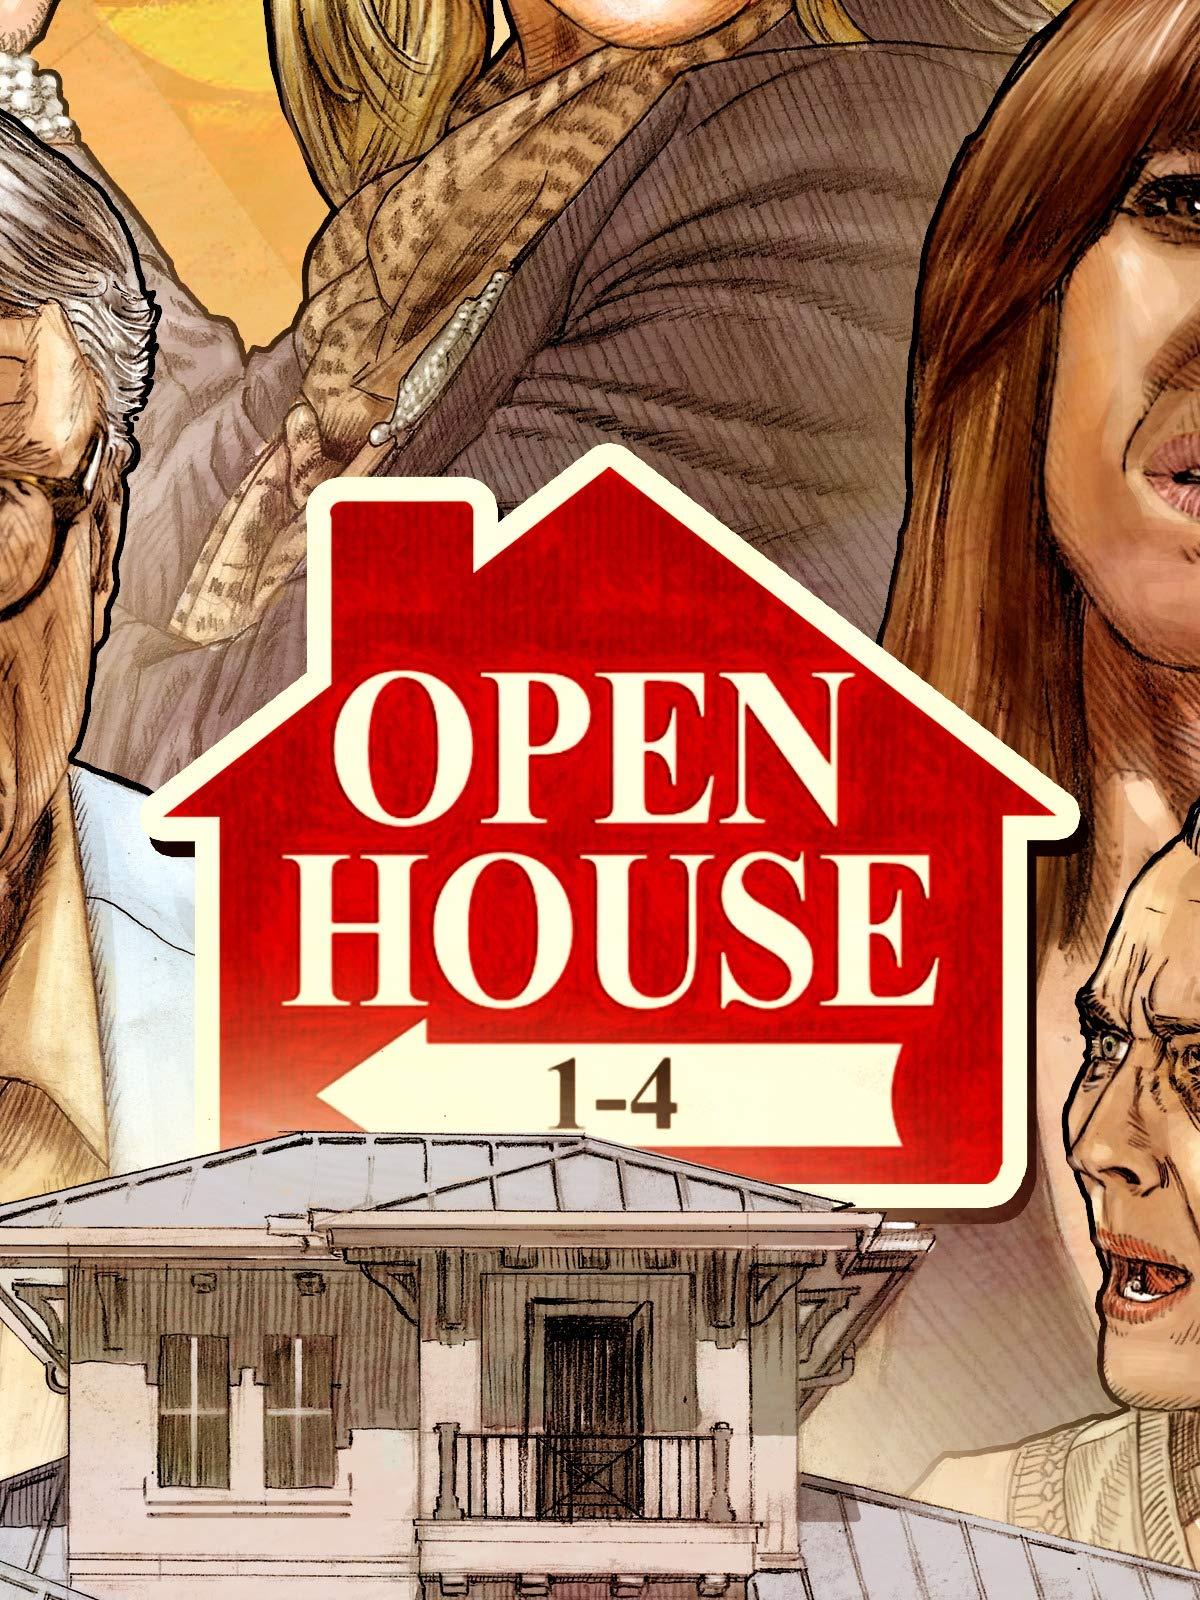 Open House 1-4 (Short Film - Naples, FL)